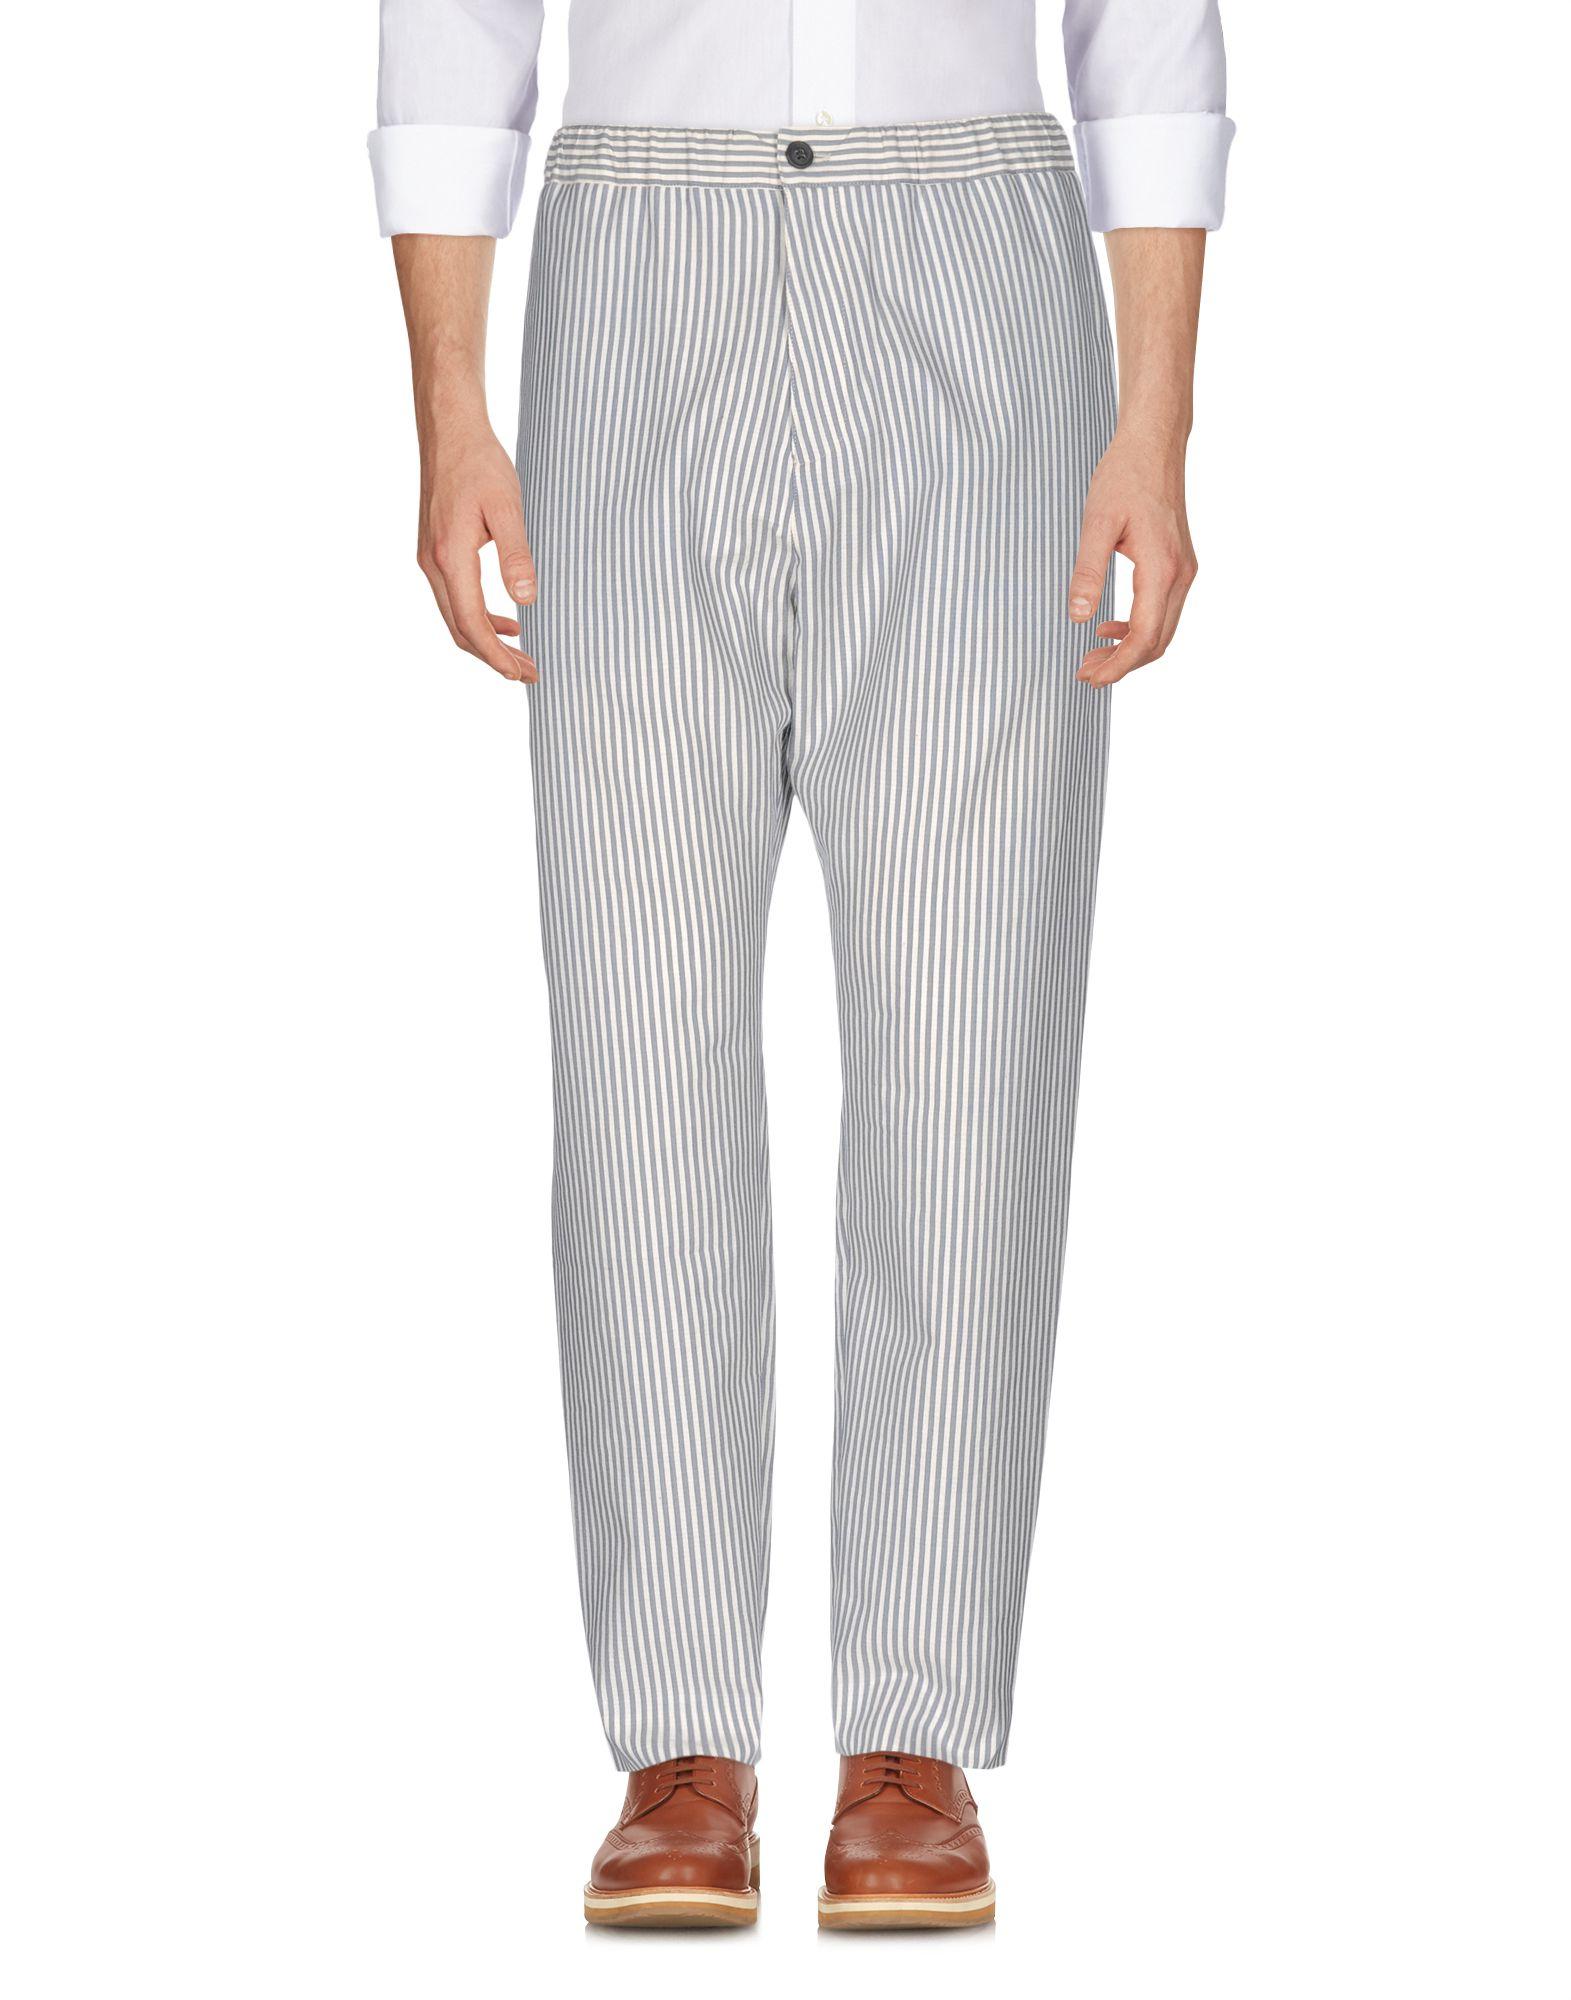 цены на HENTSCH MAN Повседневные брюки в интернет-магазинах